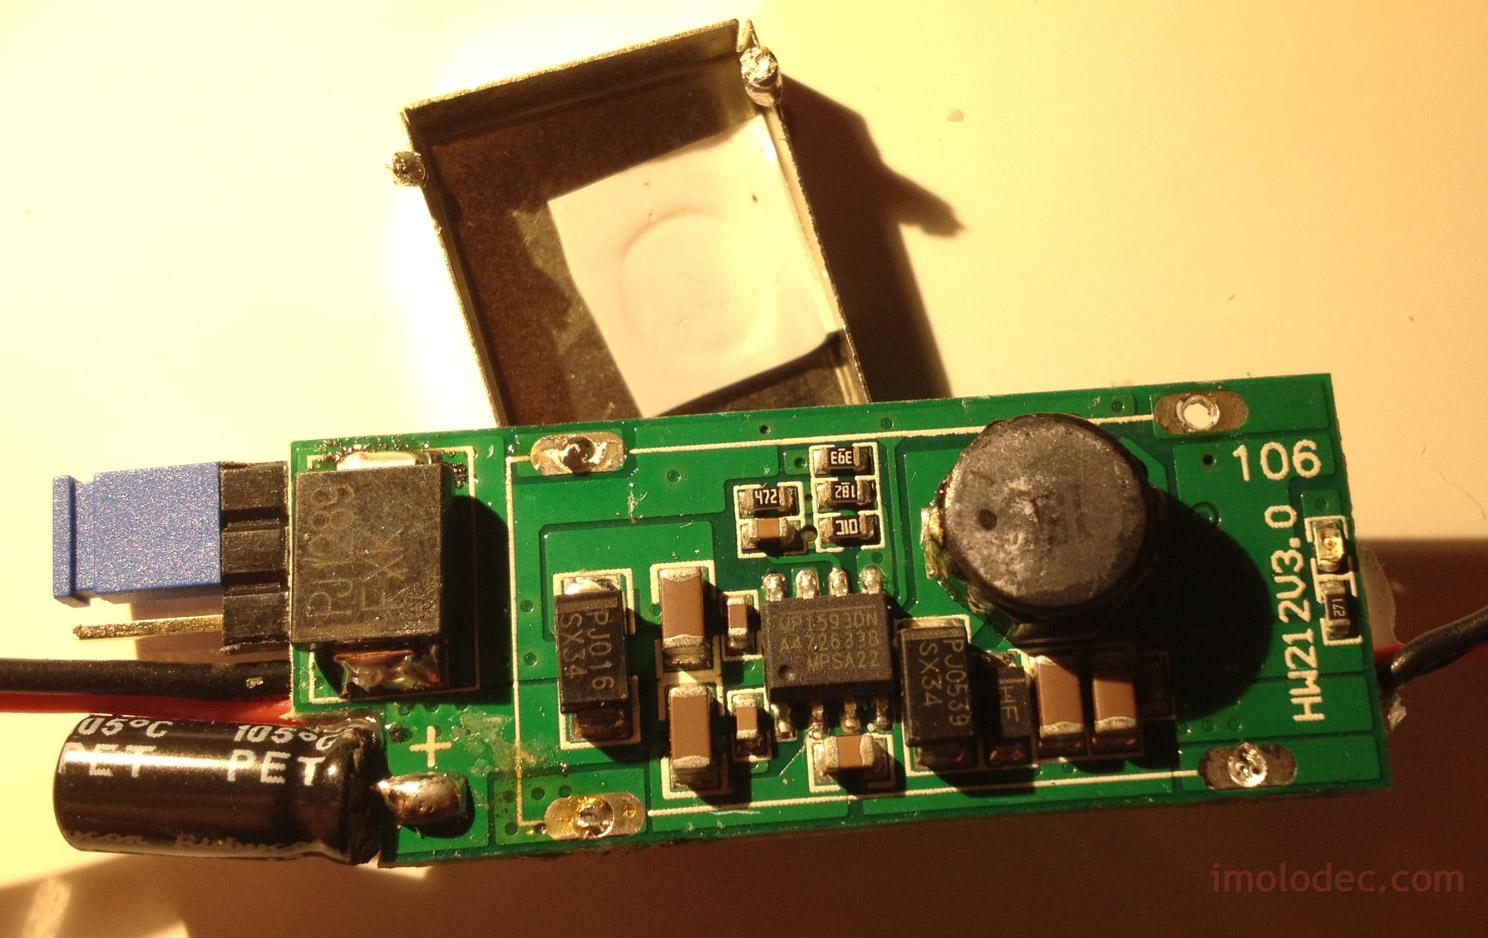 схема разъёма зарядки для usb устройств